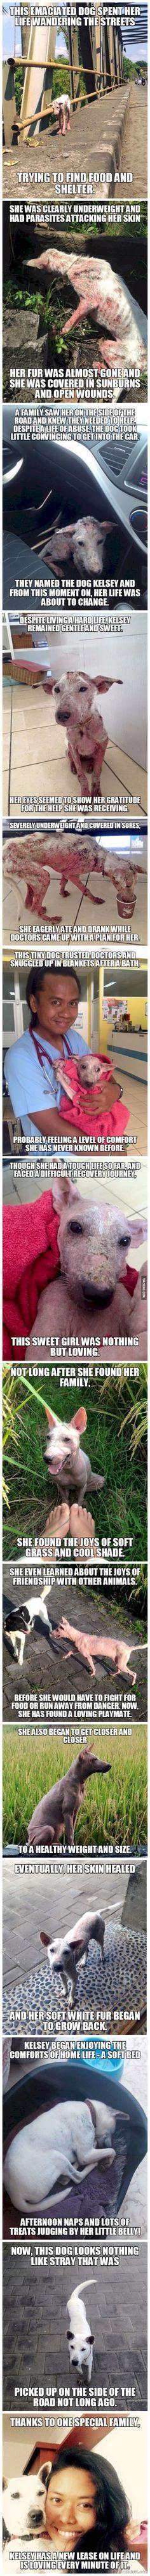 A story of a stray dog... -faith in humanity restored. - 9GAG. Historias de amor y humanidad que nos devuelven la esperanza.